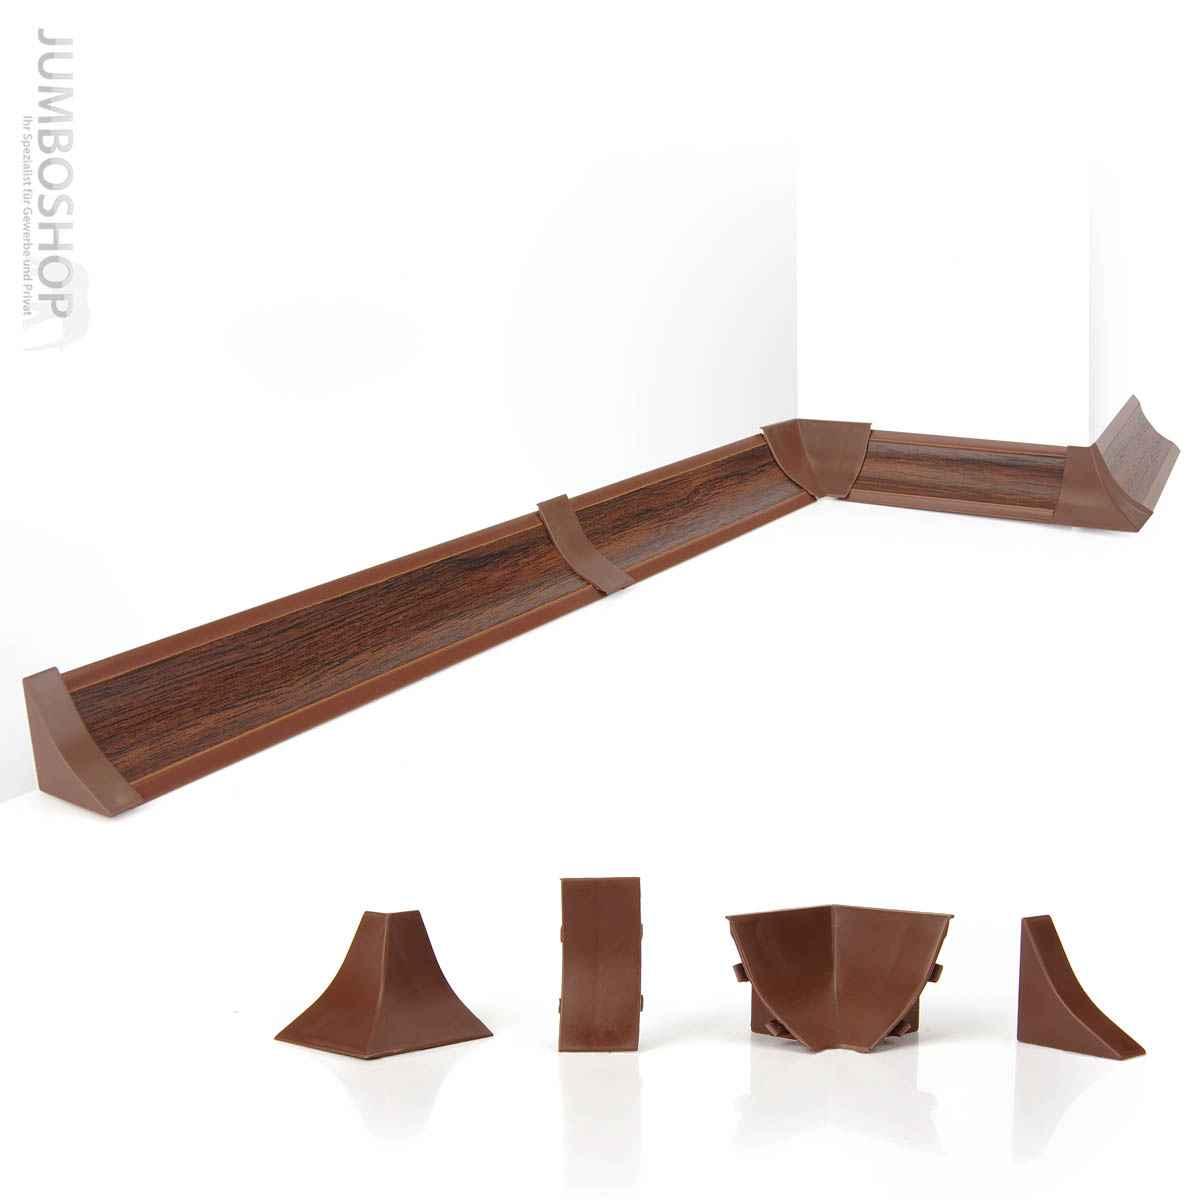 Abschlußleisten für küchenarbeitsplatten  ABSCHLUSSLEISTE Winkelleisten Küche Arbeitsplatte ...